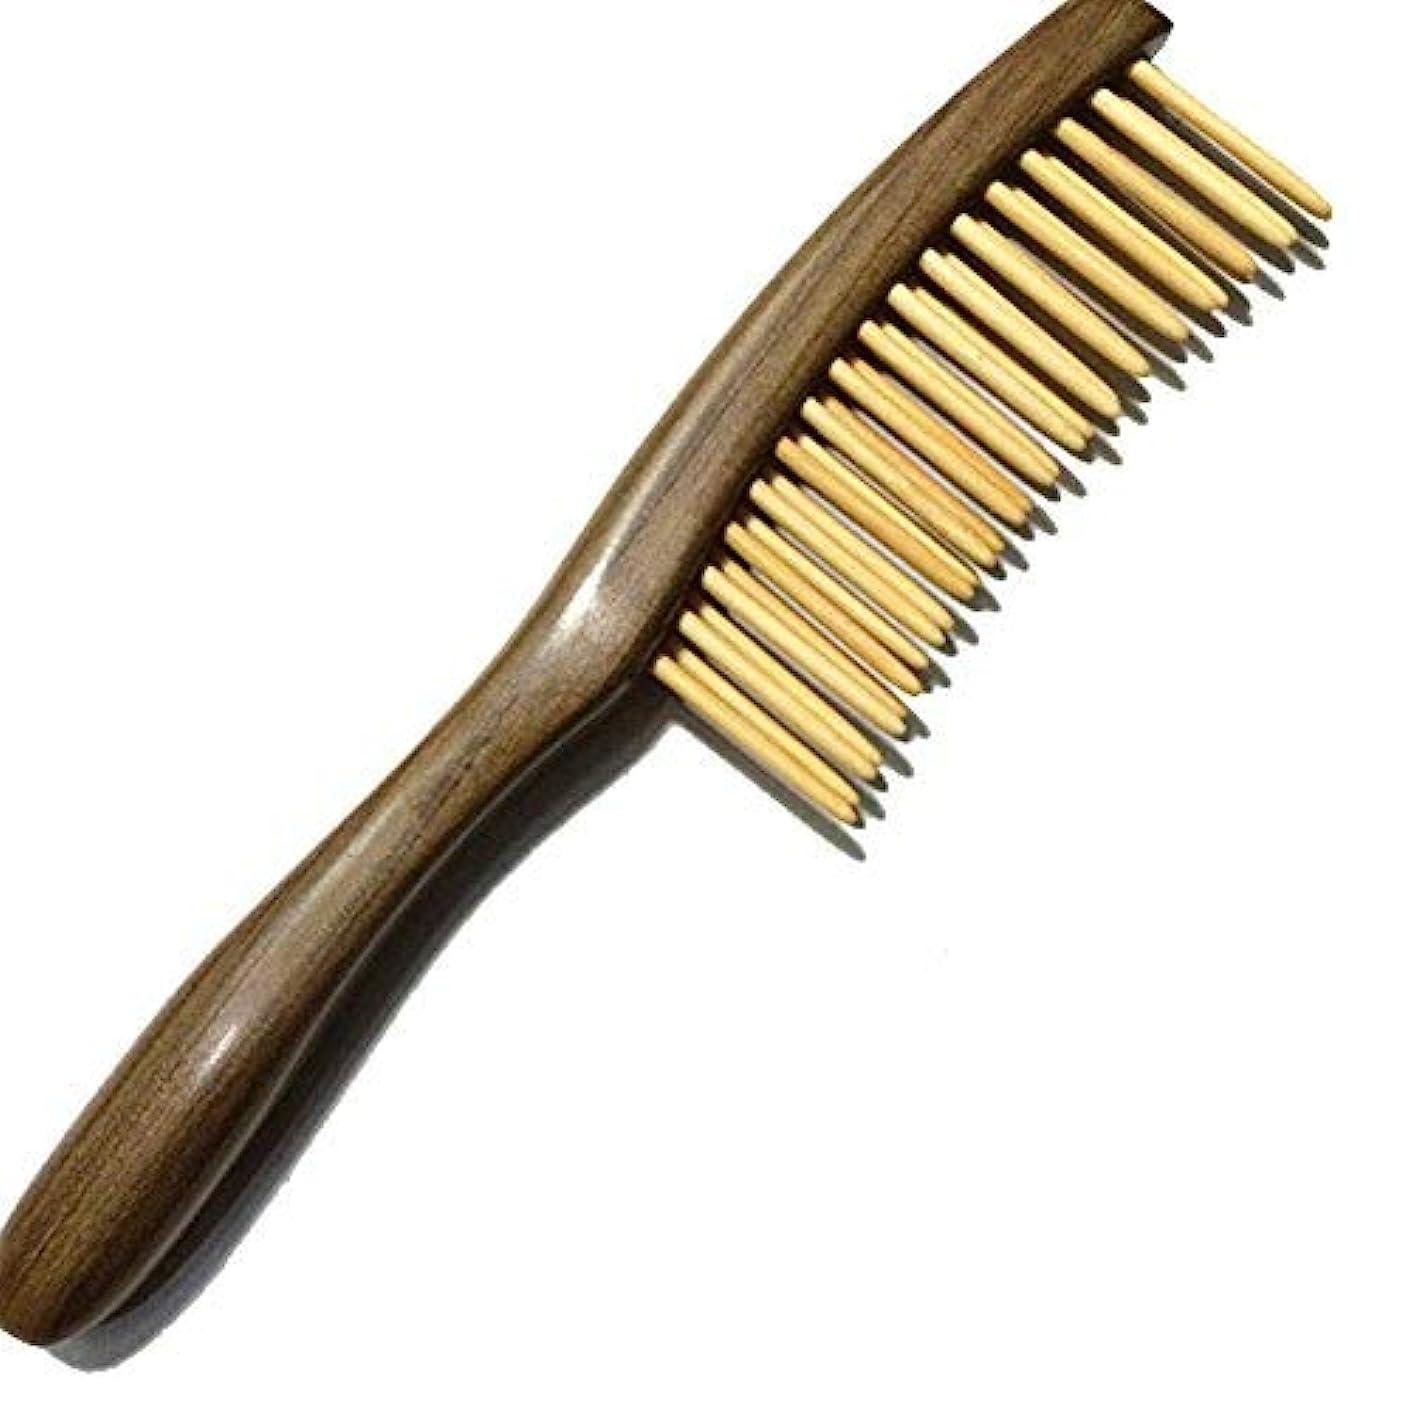 公園悪質な祝うFitlyiee Double Rows Teeth Sandalwood Hair Comb Anti-Static Handmade Wide Tooth Wooden Comb [並行輸入品]